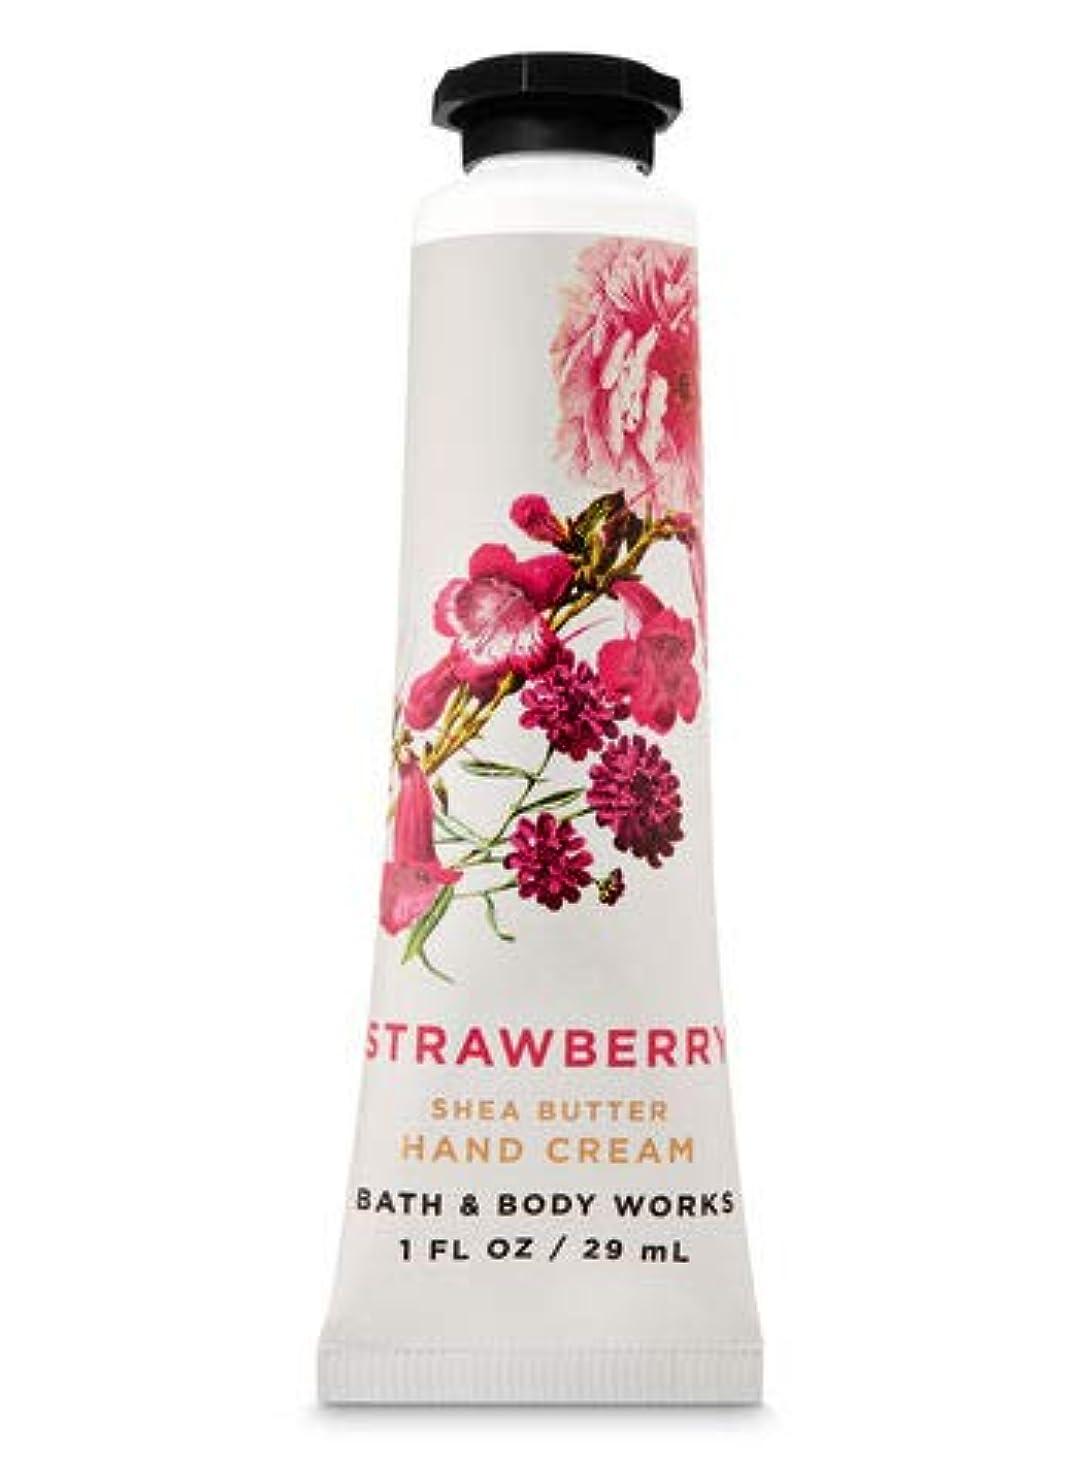 再生的リッチ混乱した【Bath&Body Works/バス&ボディワークス】 シアバター ハンドクリーム ストロベリー Shea Butter Hand Cream Strawberry 1 fl oz / 29 mL [並行輸入品]